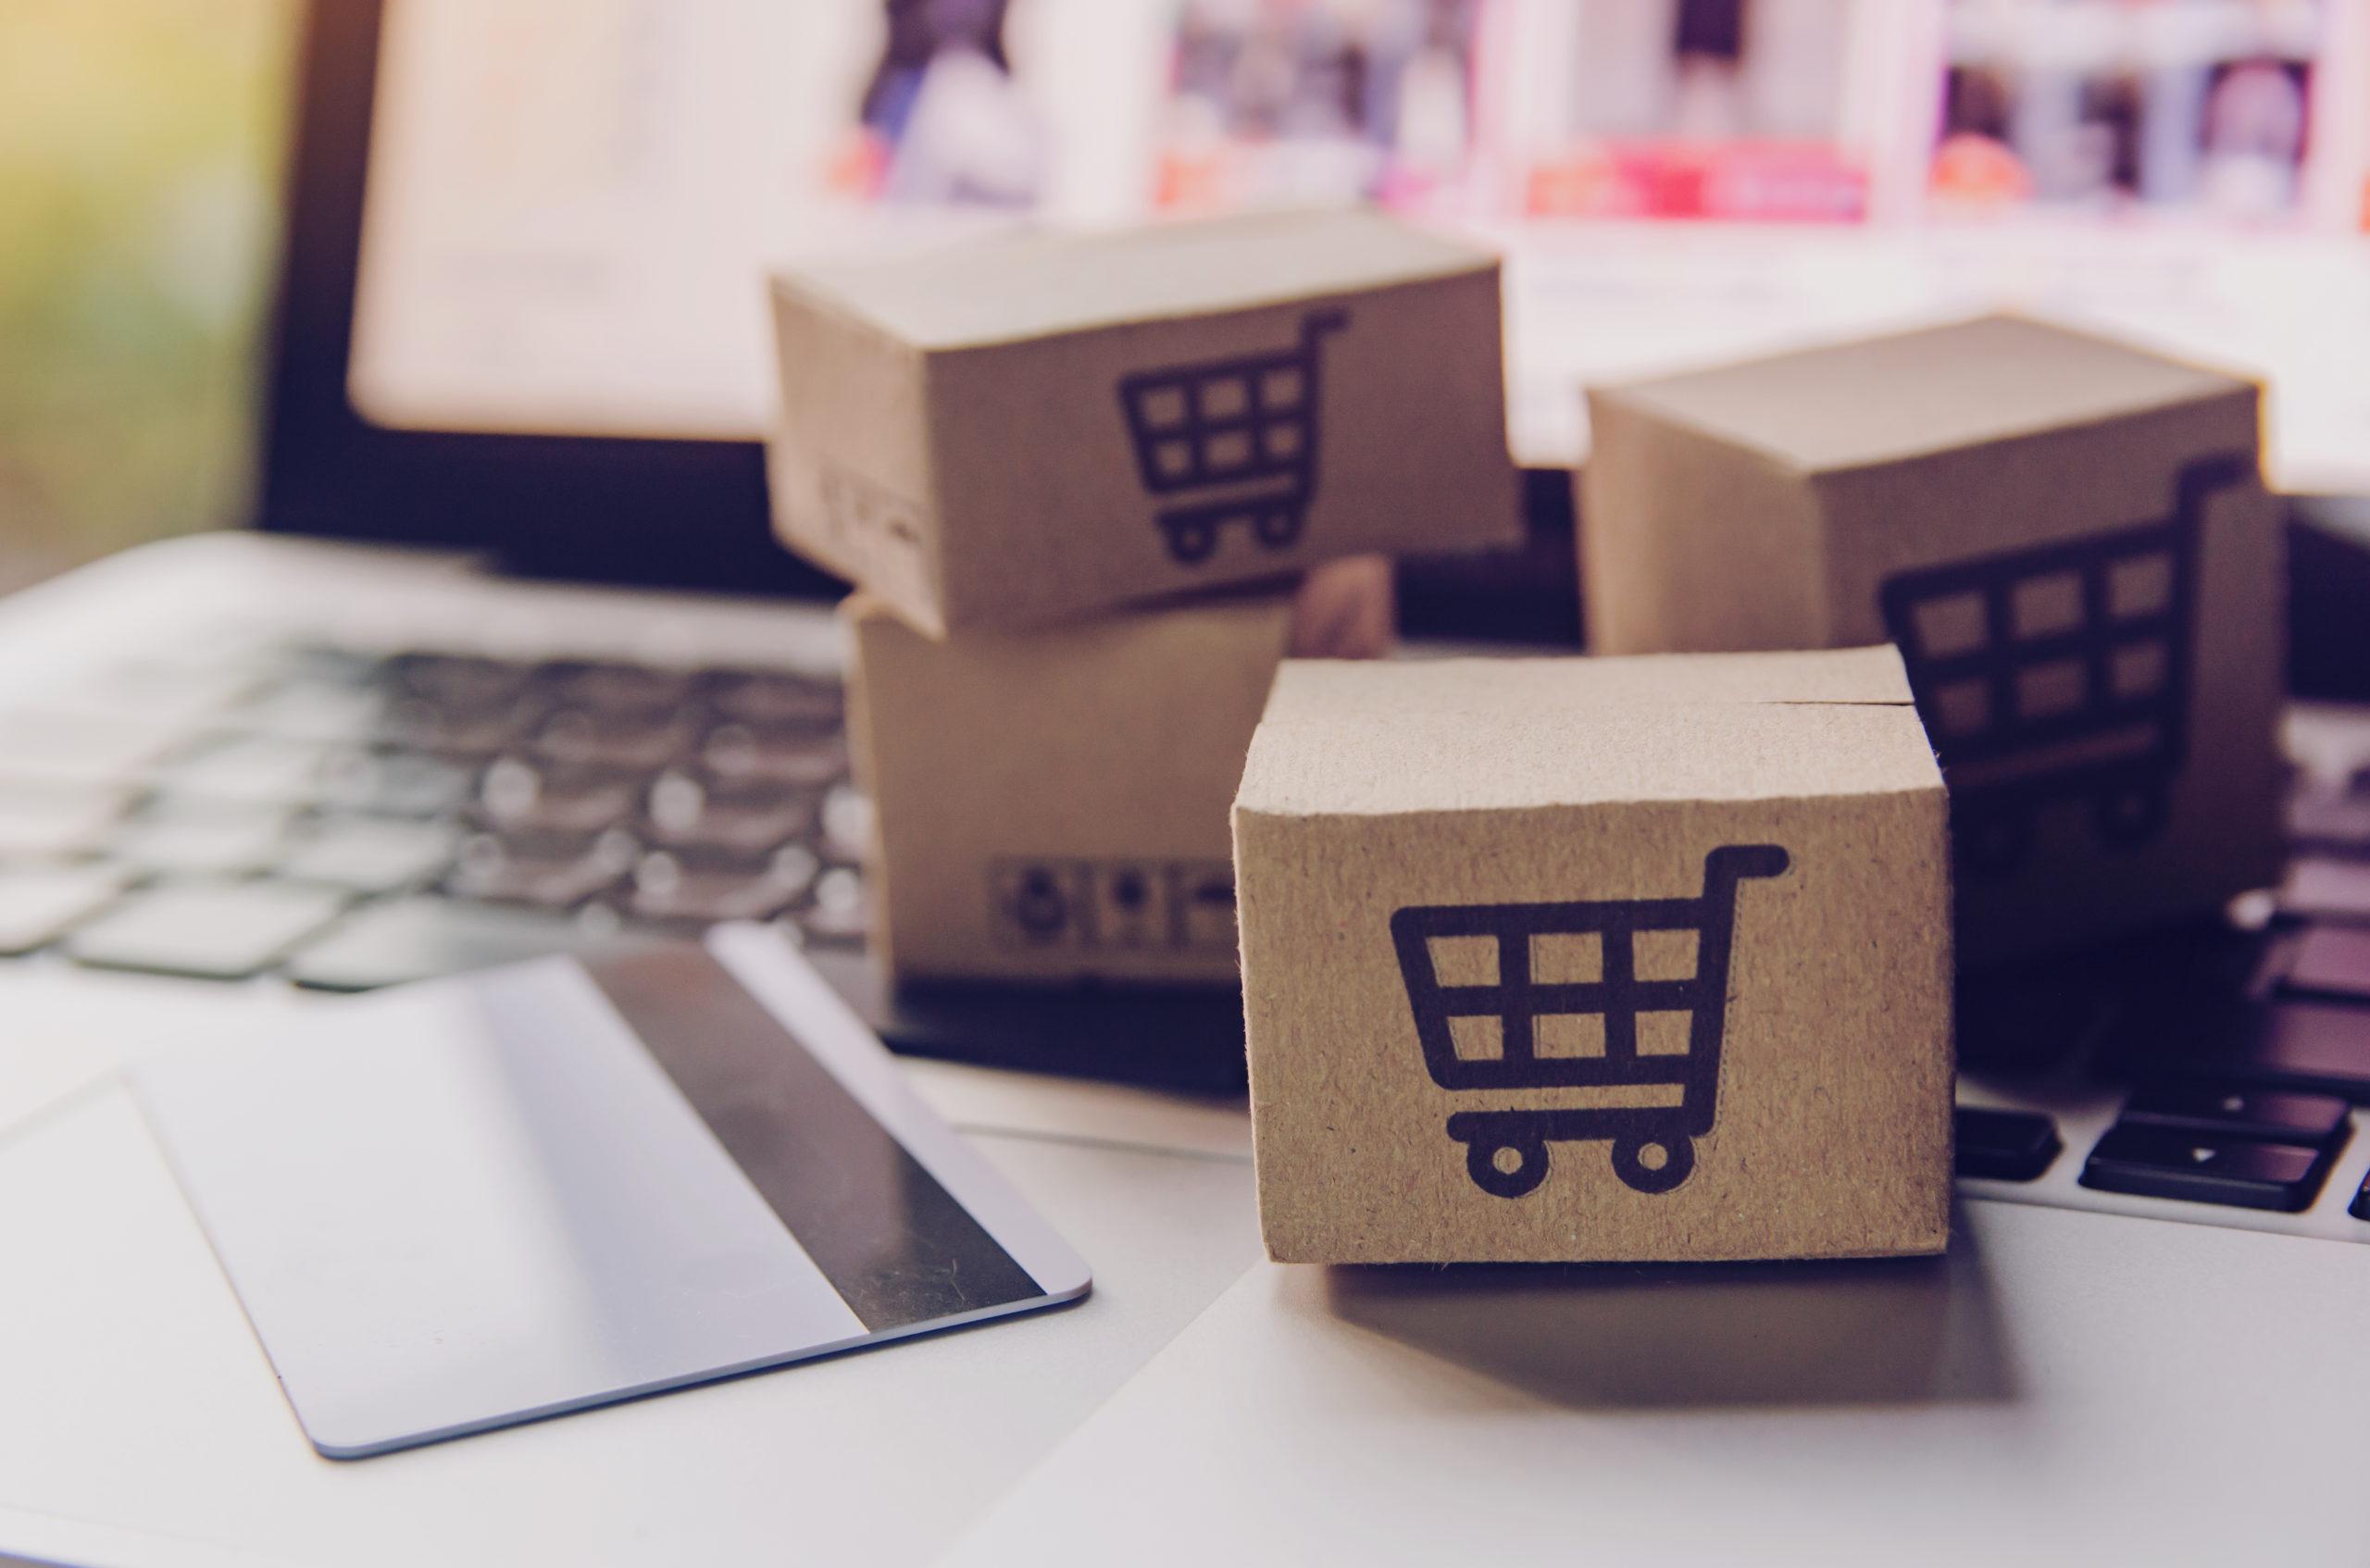 5 Pasos para incrementar tus ventas en línea